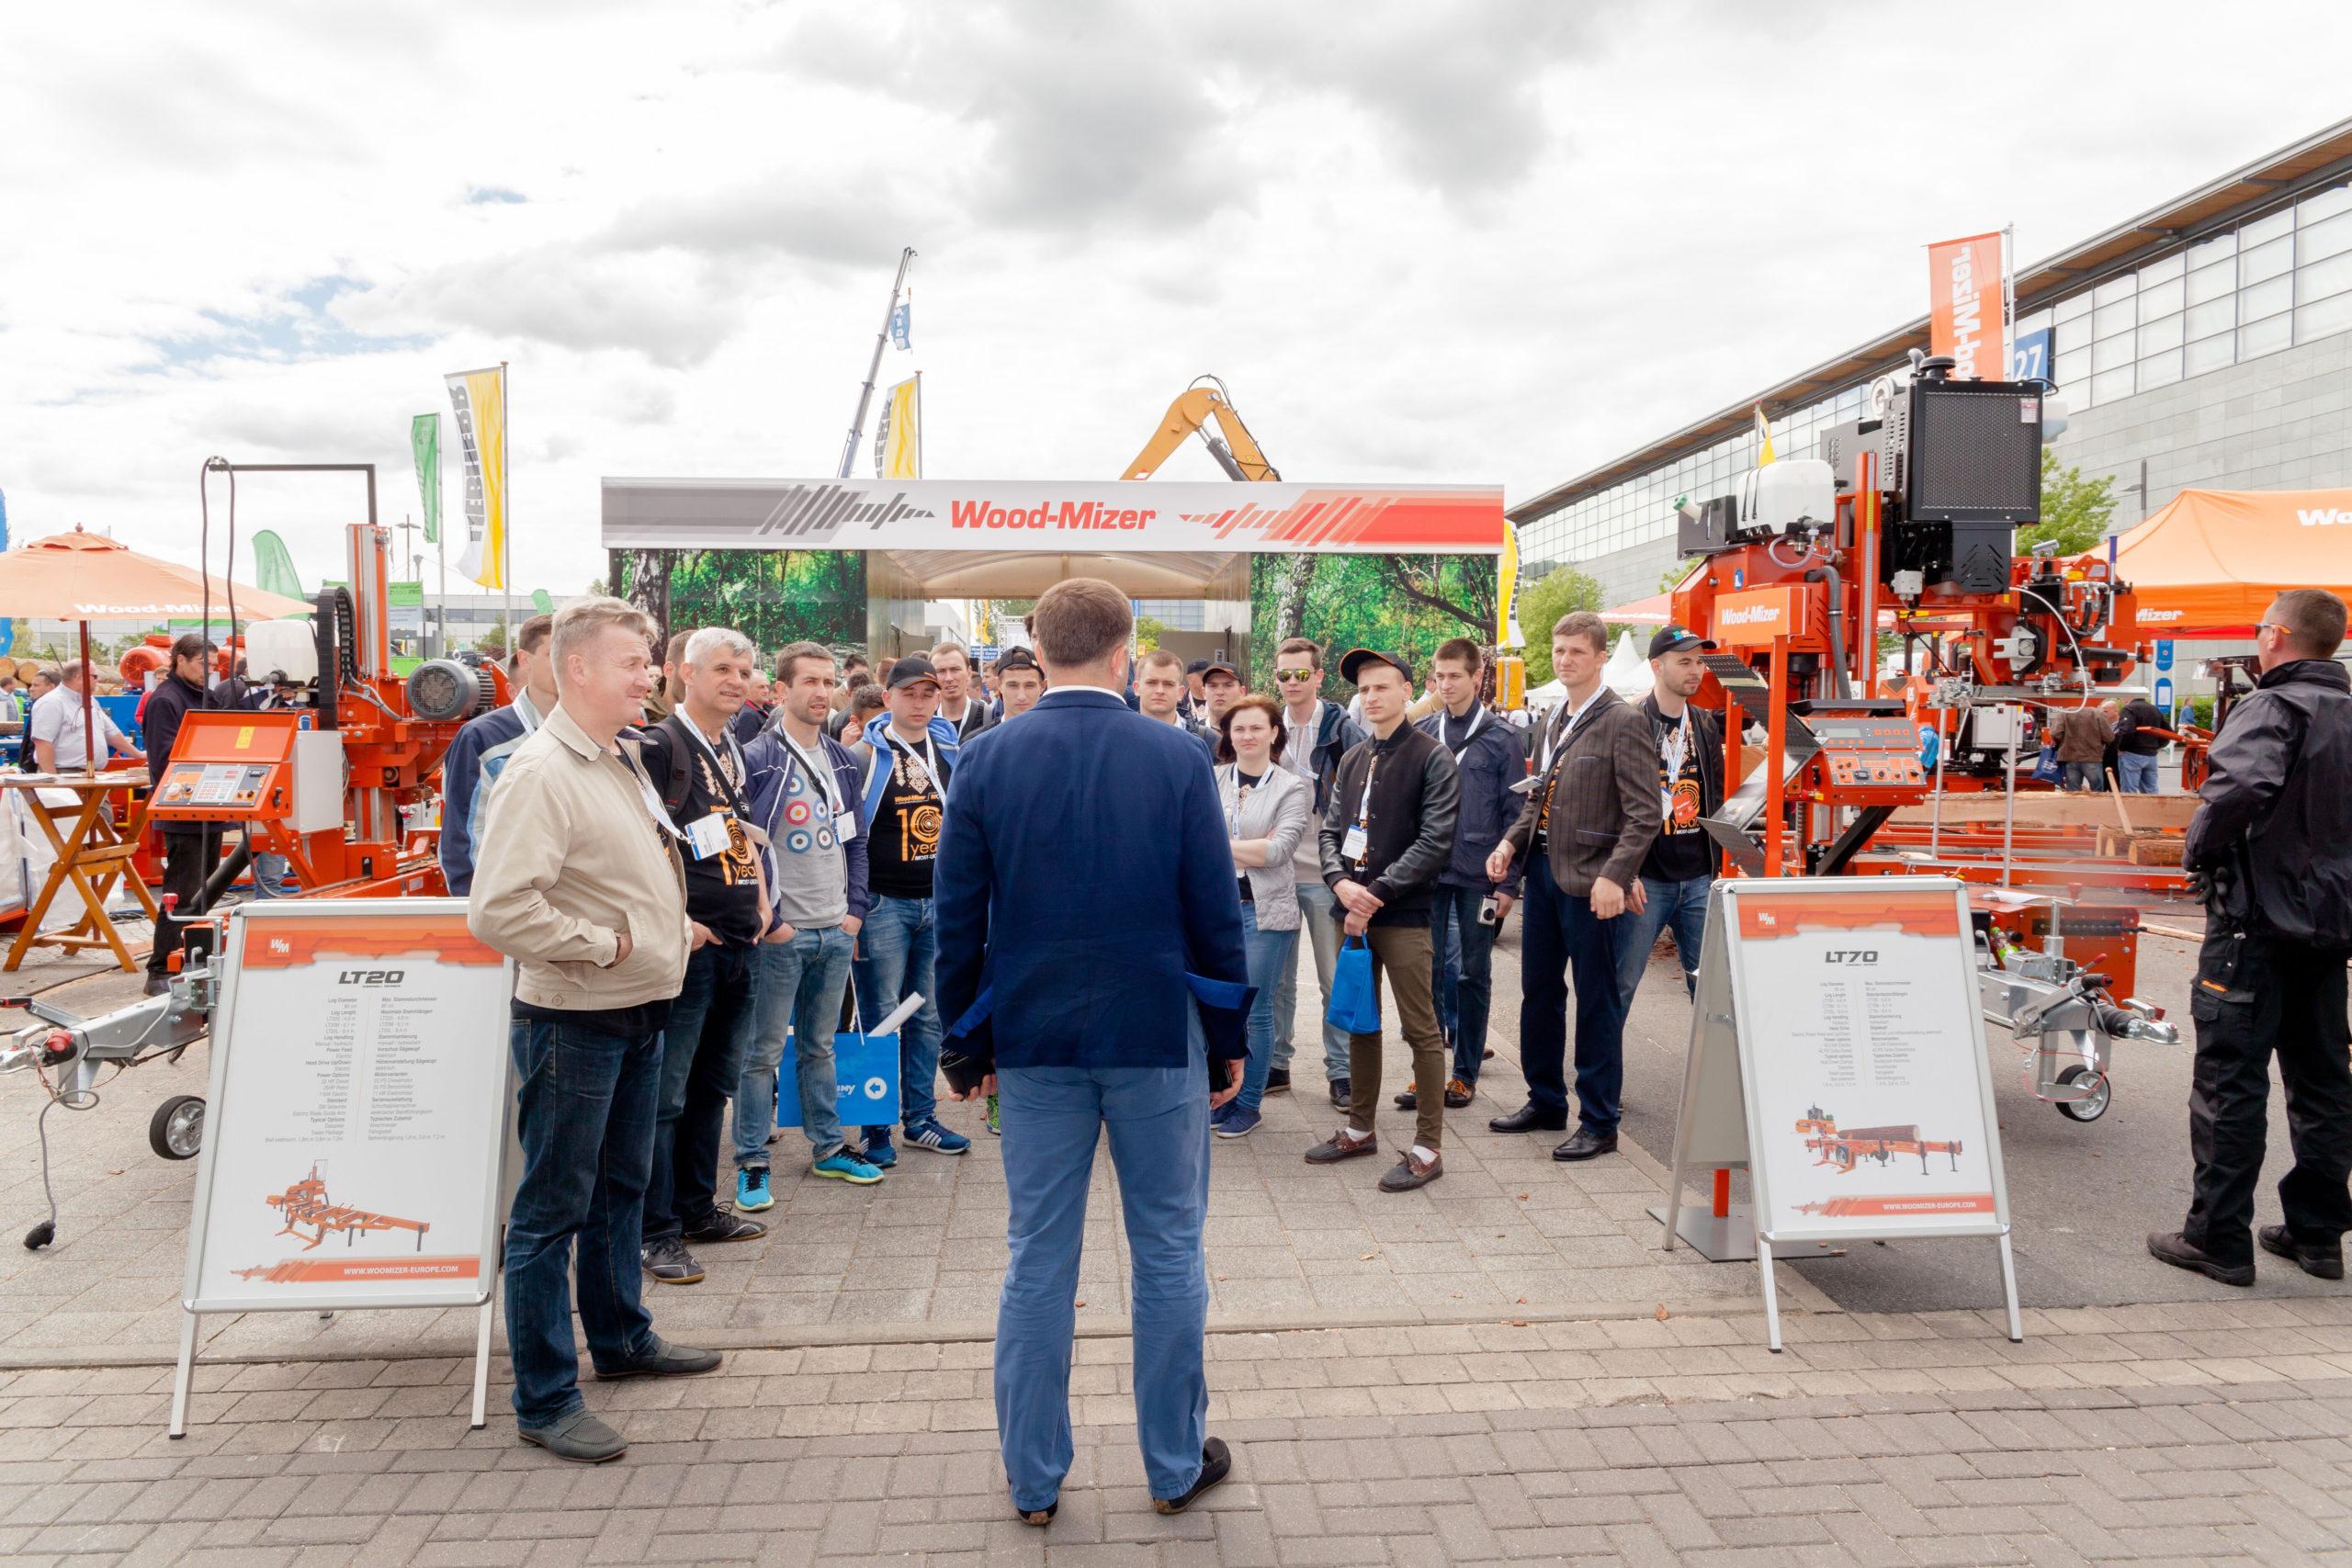 W trakcie targów LIGNA będzie można obejrzeć maszyny Wood-Mizer podczas pracy oraz wymienić cenne doświadczenia z ekspertami z branży drzewnej.   Fot. Wood-Mizer